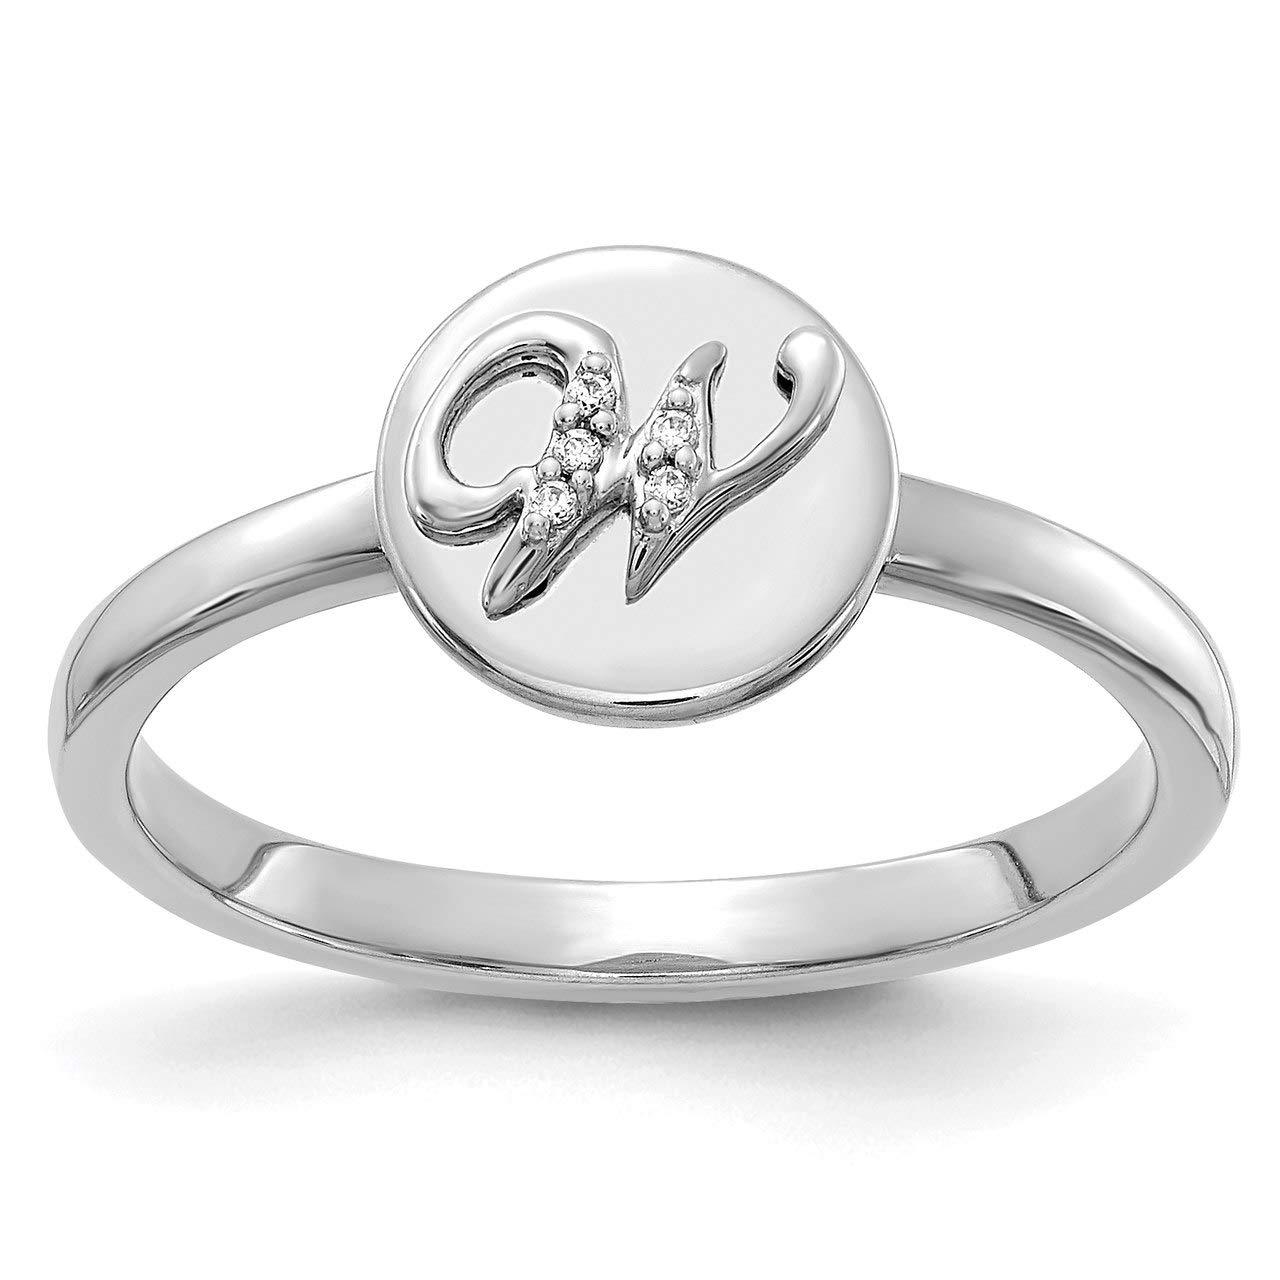 Lex & Lu 14k White Gold Diamond Initial W Ring LAL13828 Size 7-Prime